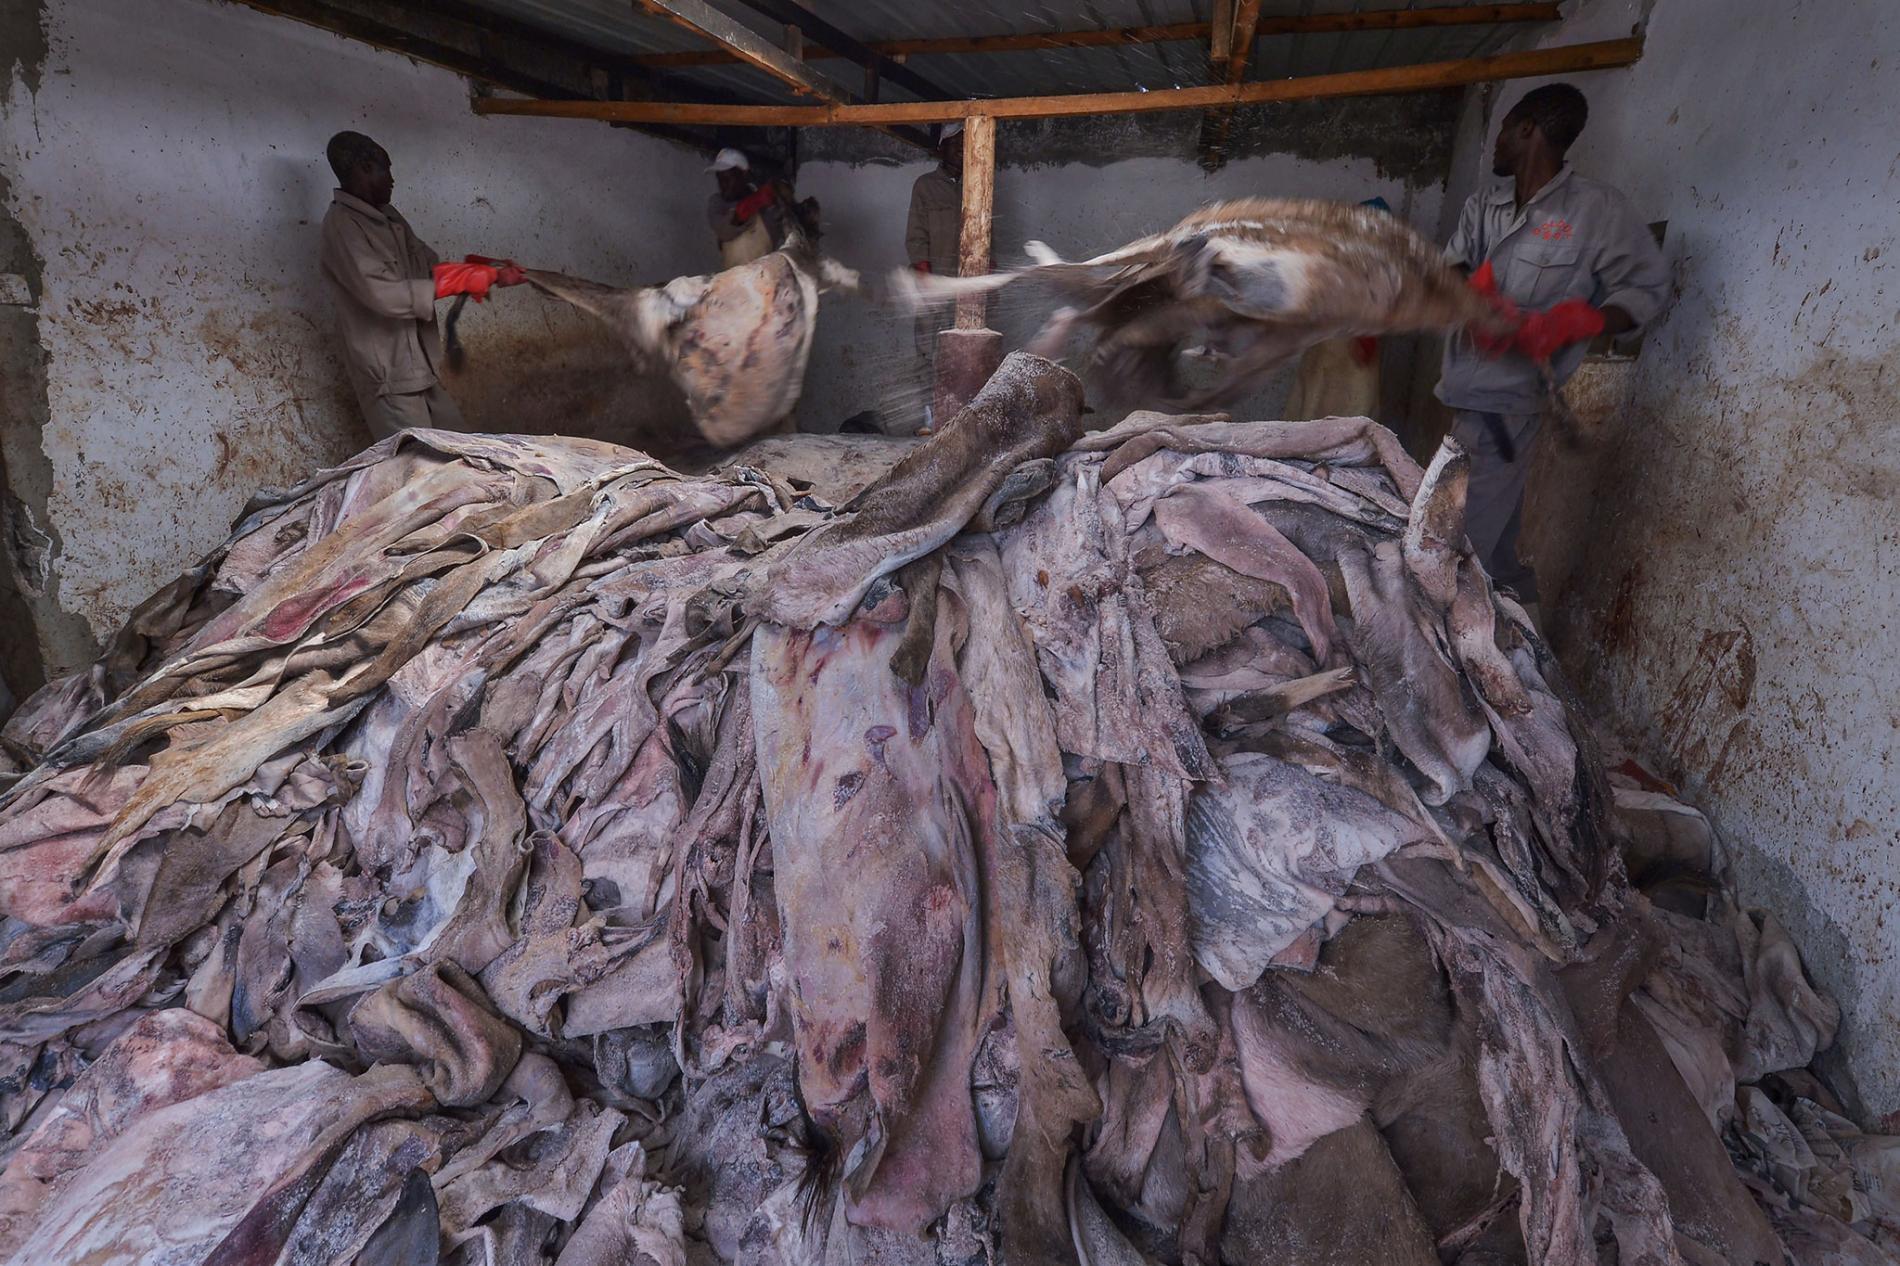 在肯亞一間已獲許可的屠宰場裡,工人抓著尚未處理的驢皮。近年來,非洲開始輸送更多驢皮去中國。PHOTOGRAPH BY TONY KARUMBA, AFP/GETTY